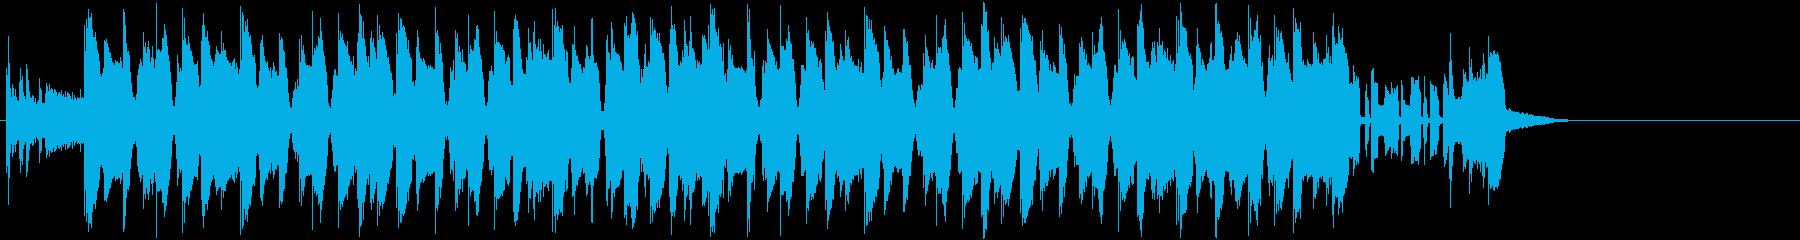 かわいらしく、軽快なピコピコ系和風EDMの再生済みの波形